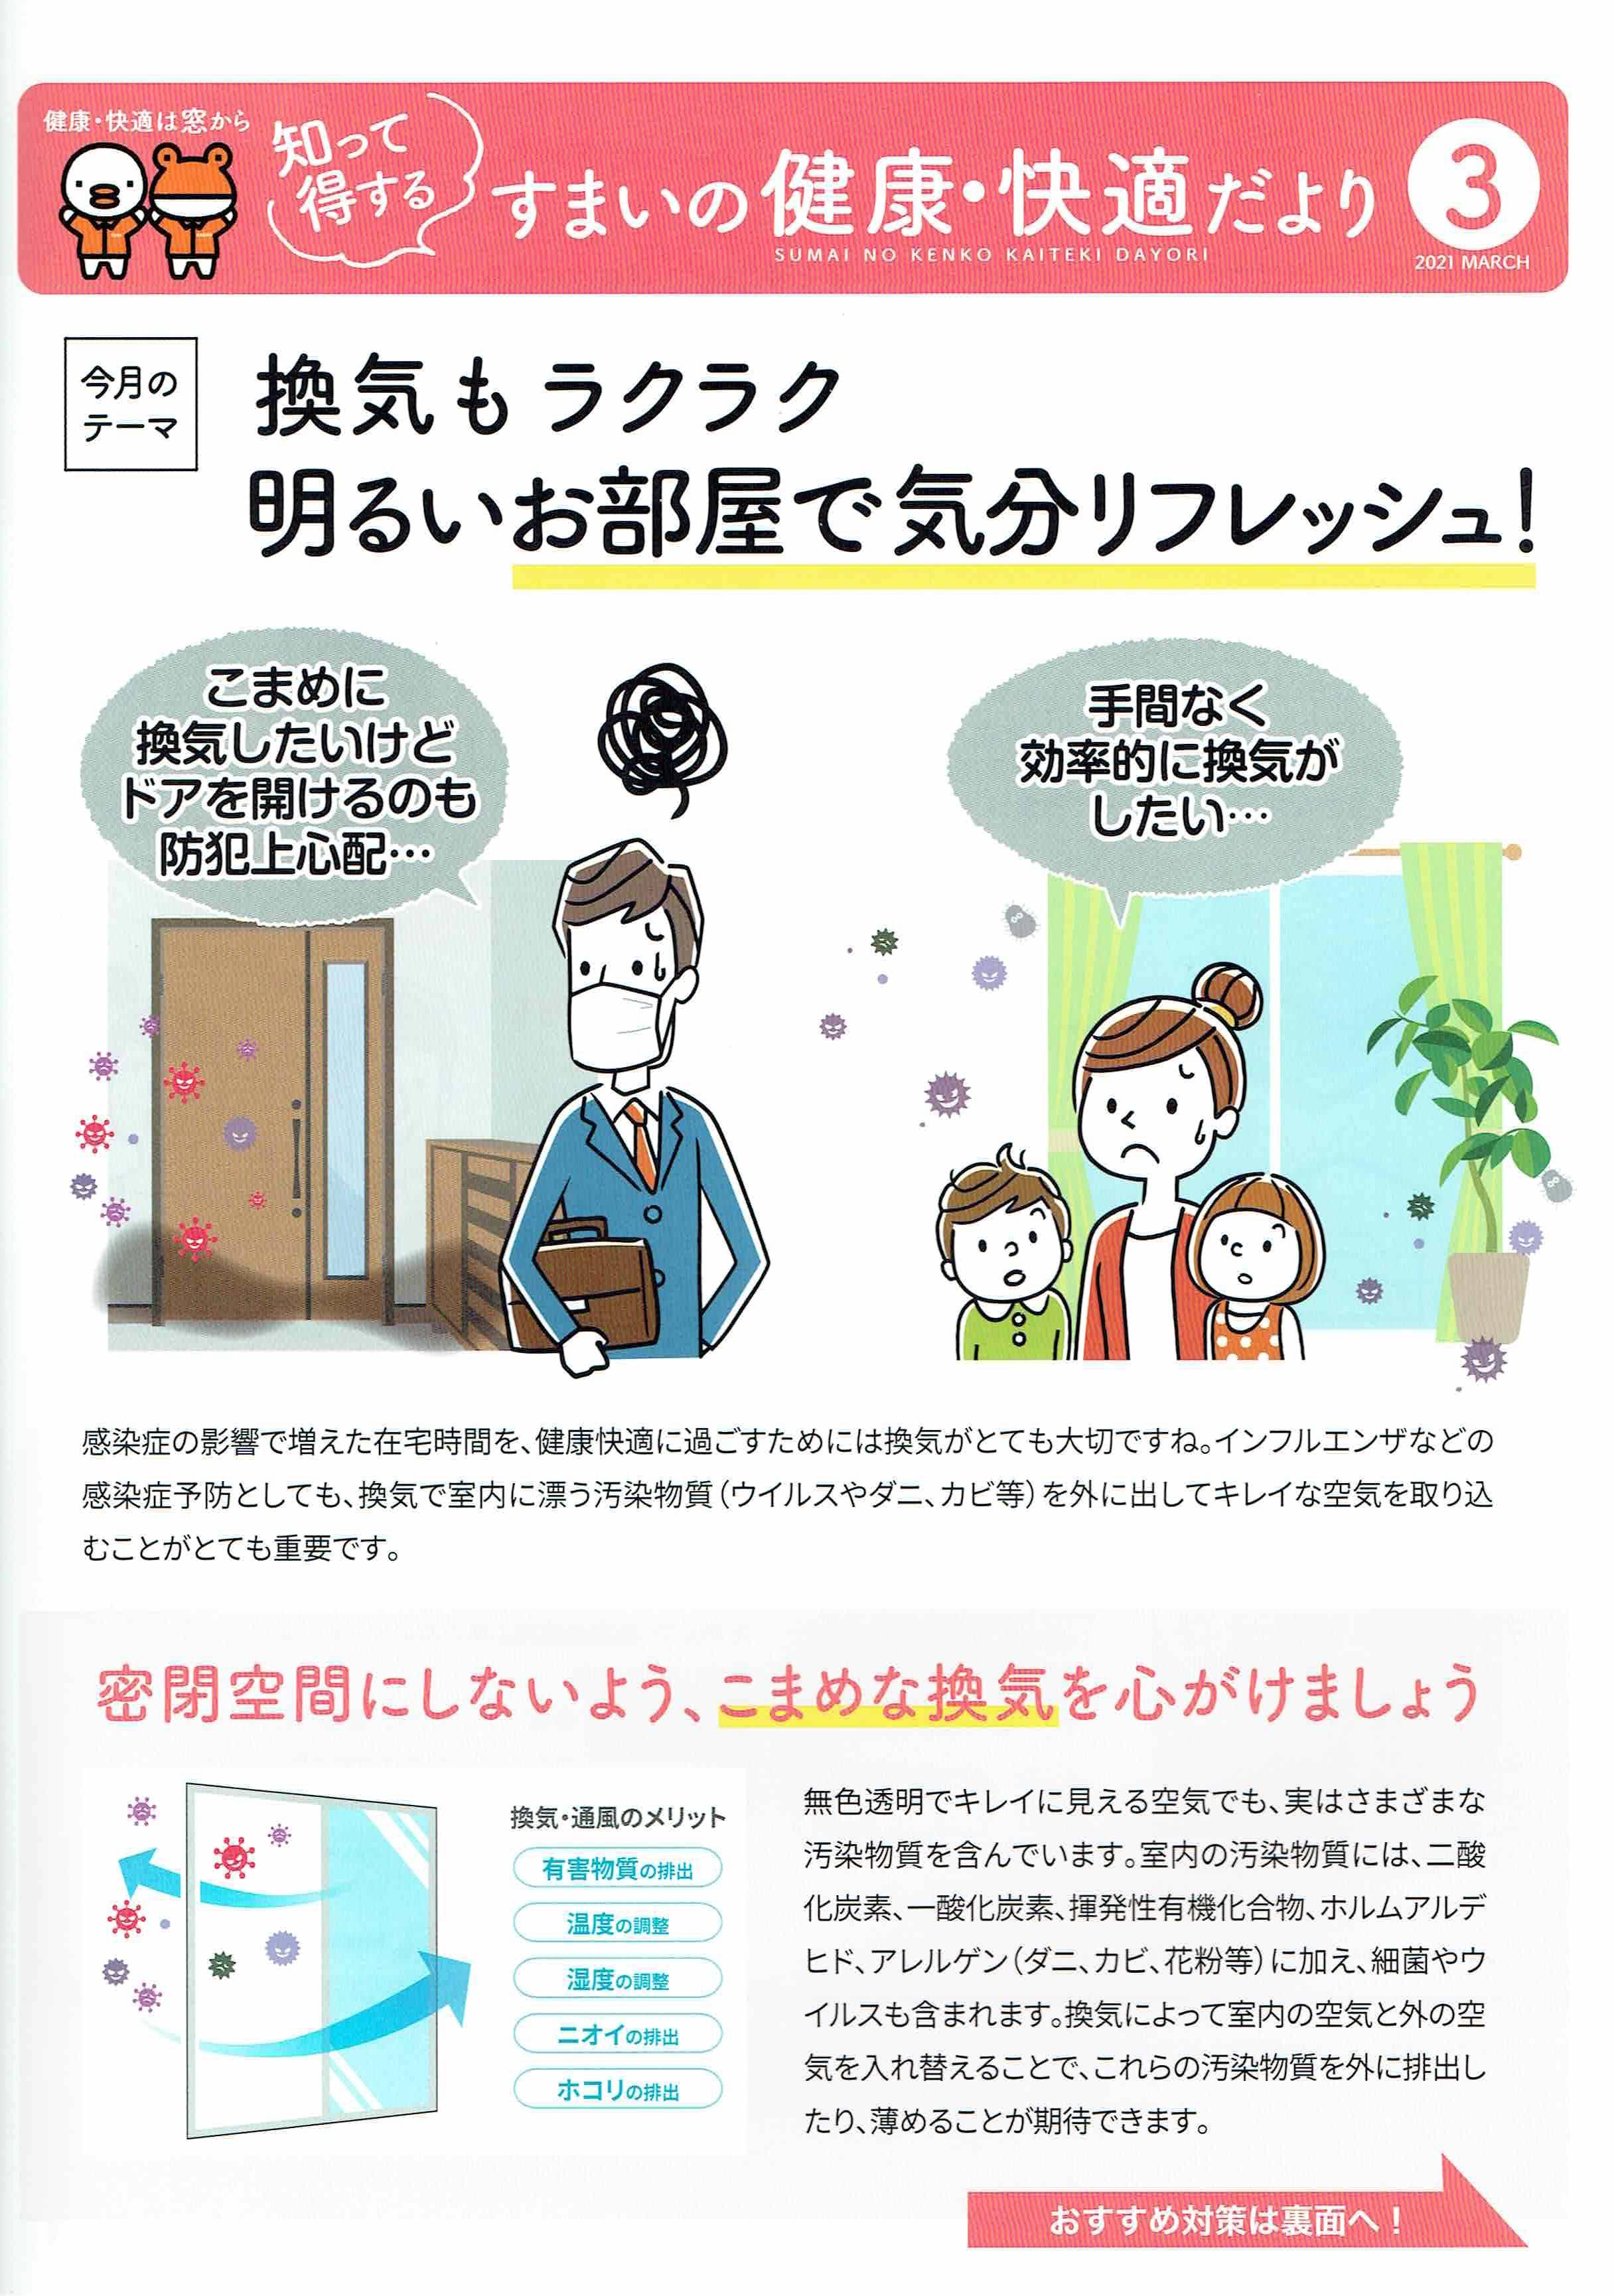 *知って得する すまいの健康・快適だより* MITSUWA 西尾のイベントキャンペーン 写真1